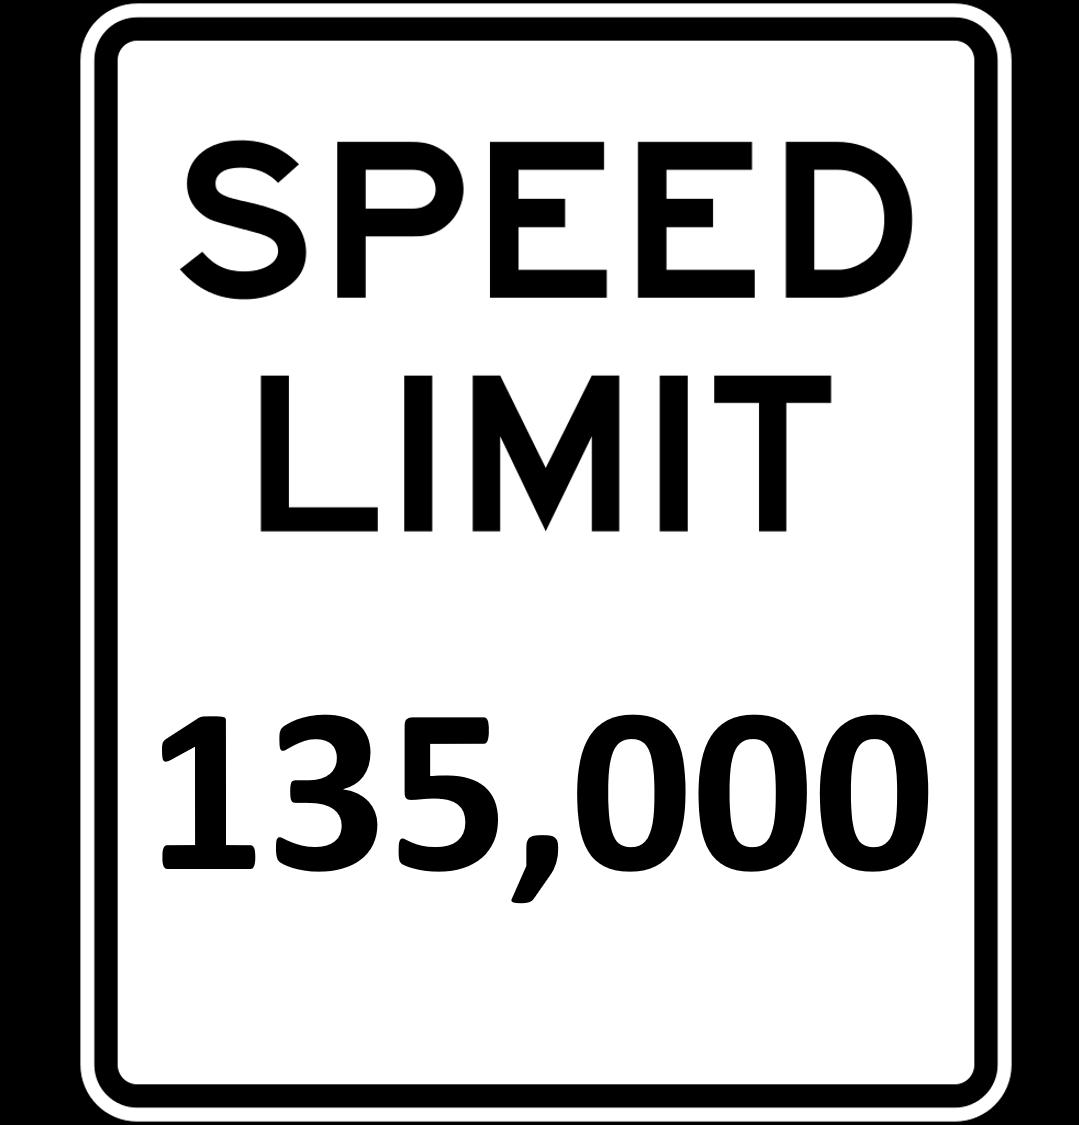 Citi's new speed limit